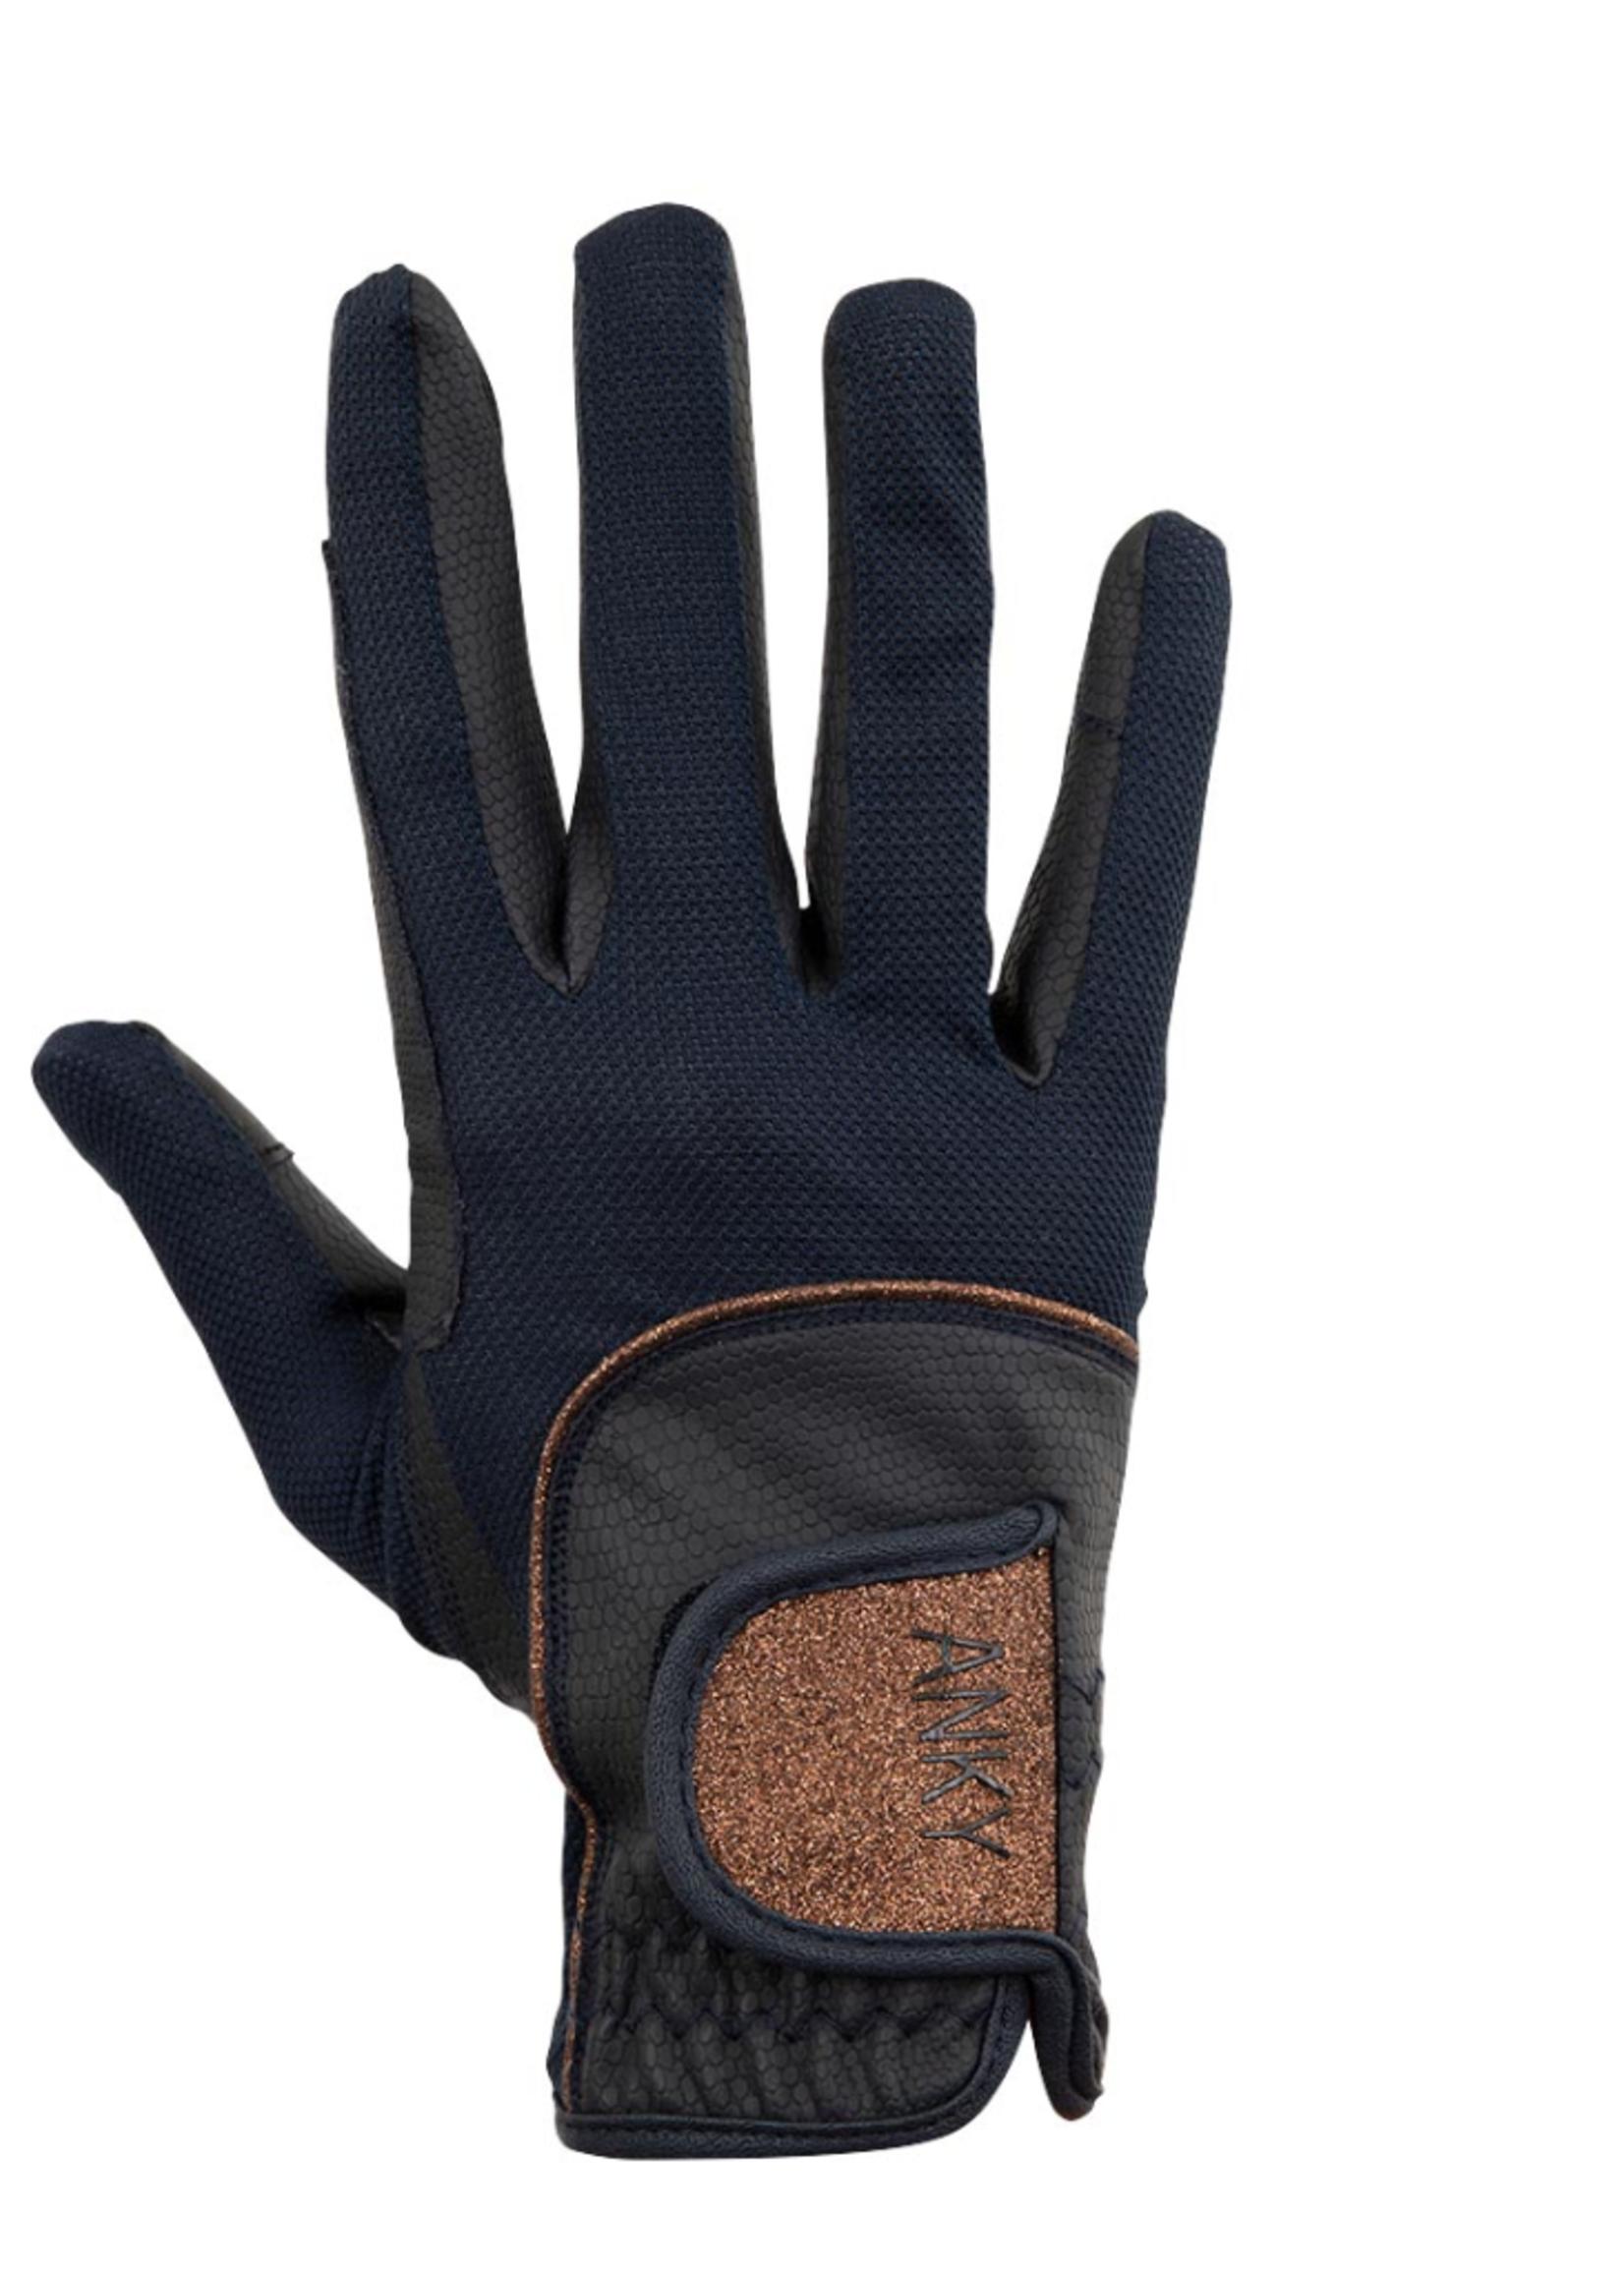 Anky Anky Technical Handschoen